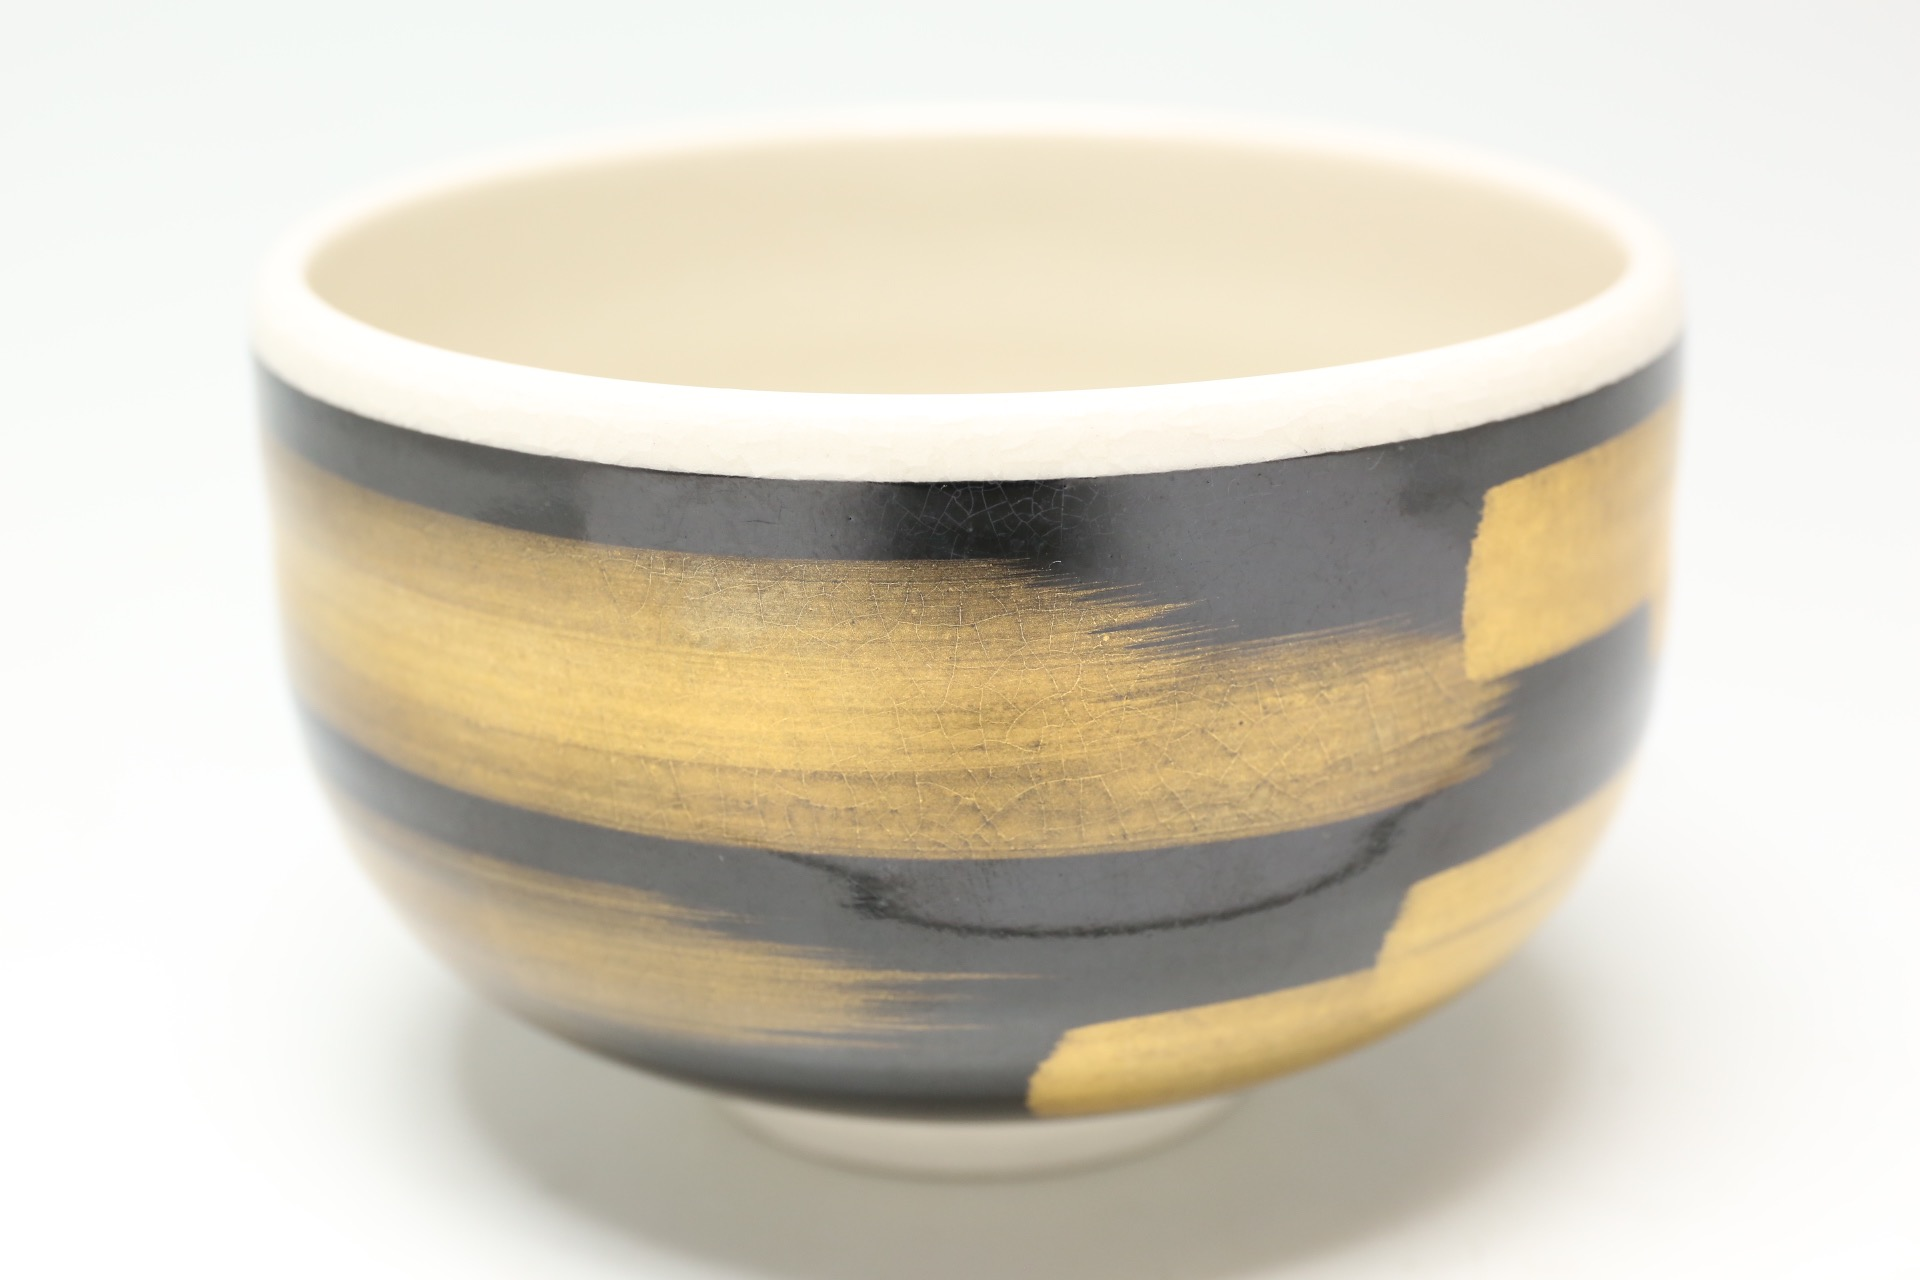 九谷焼 黒地に金彩の茶碗 [2Z-4223]